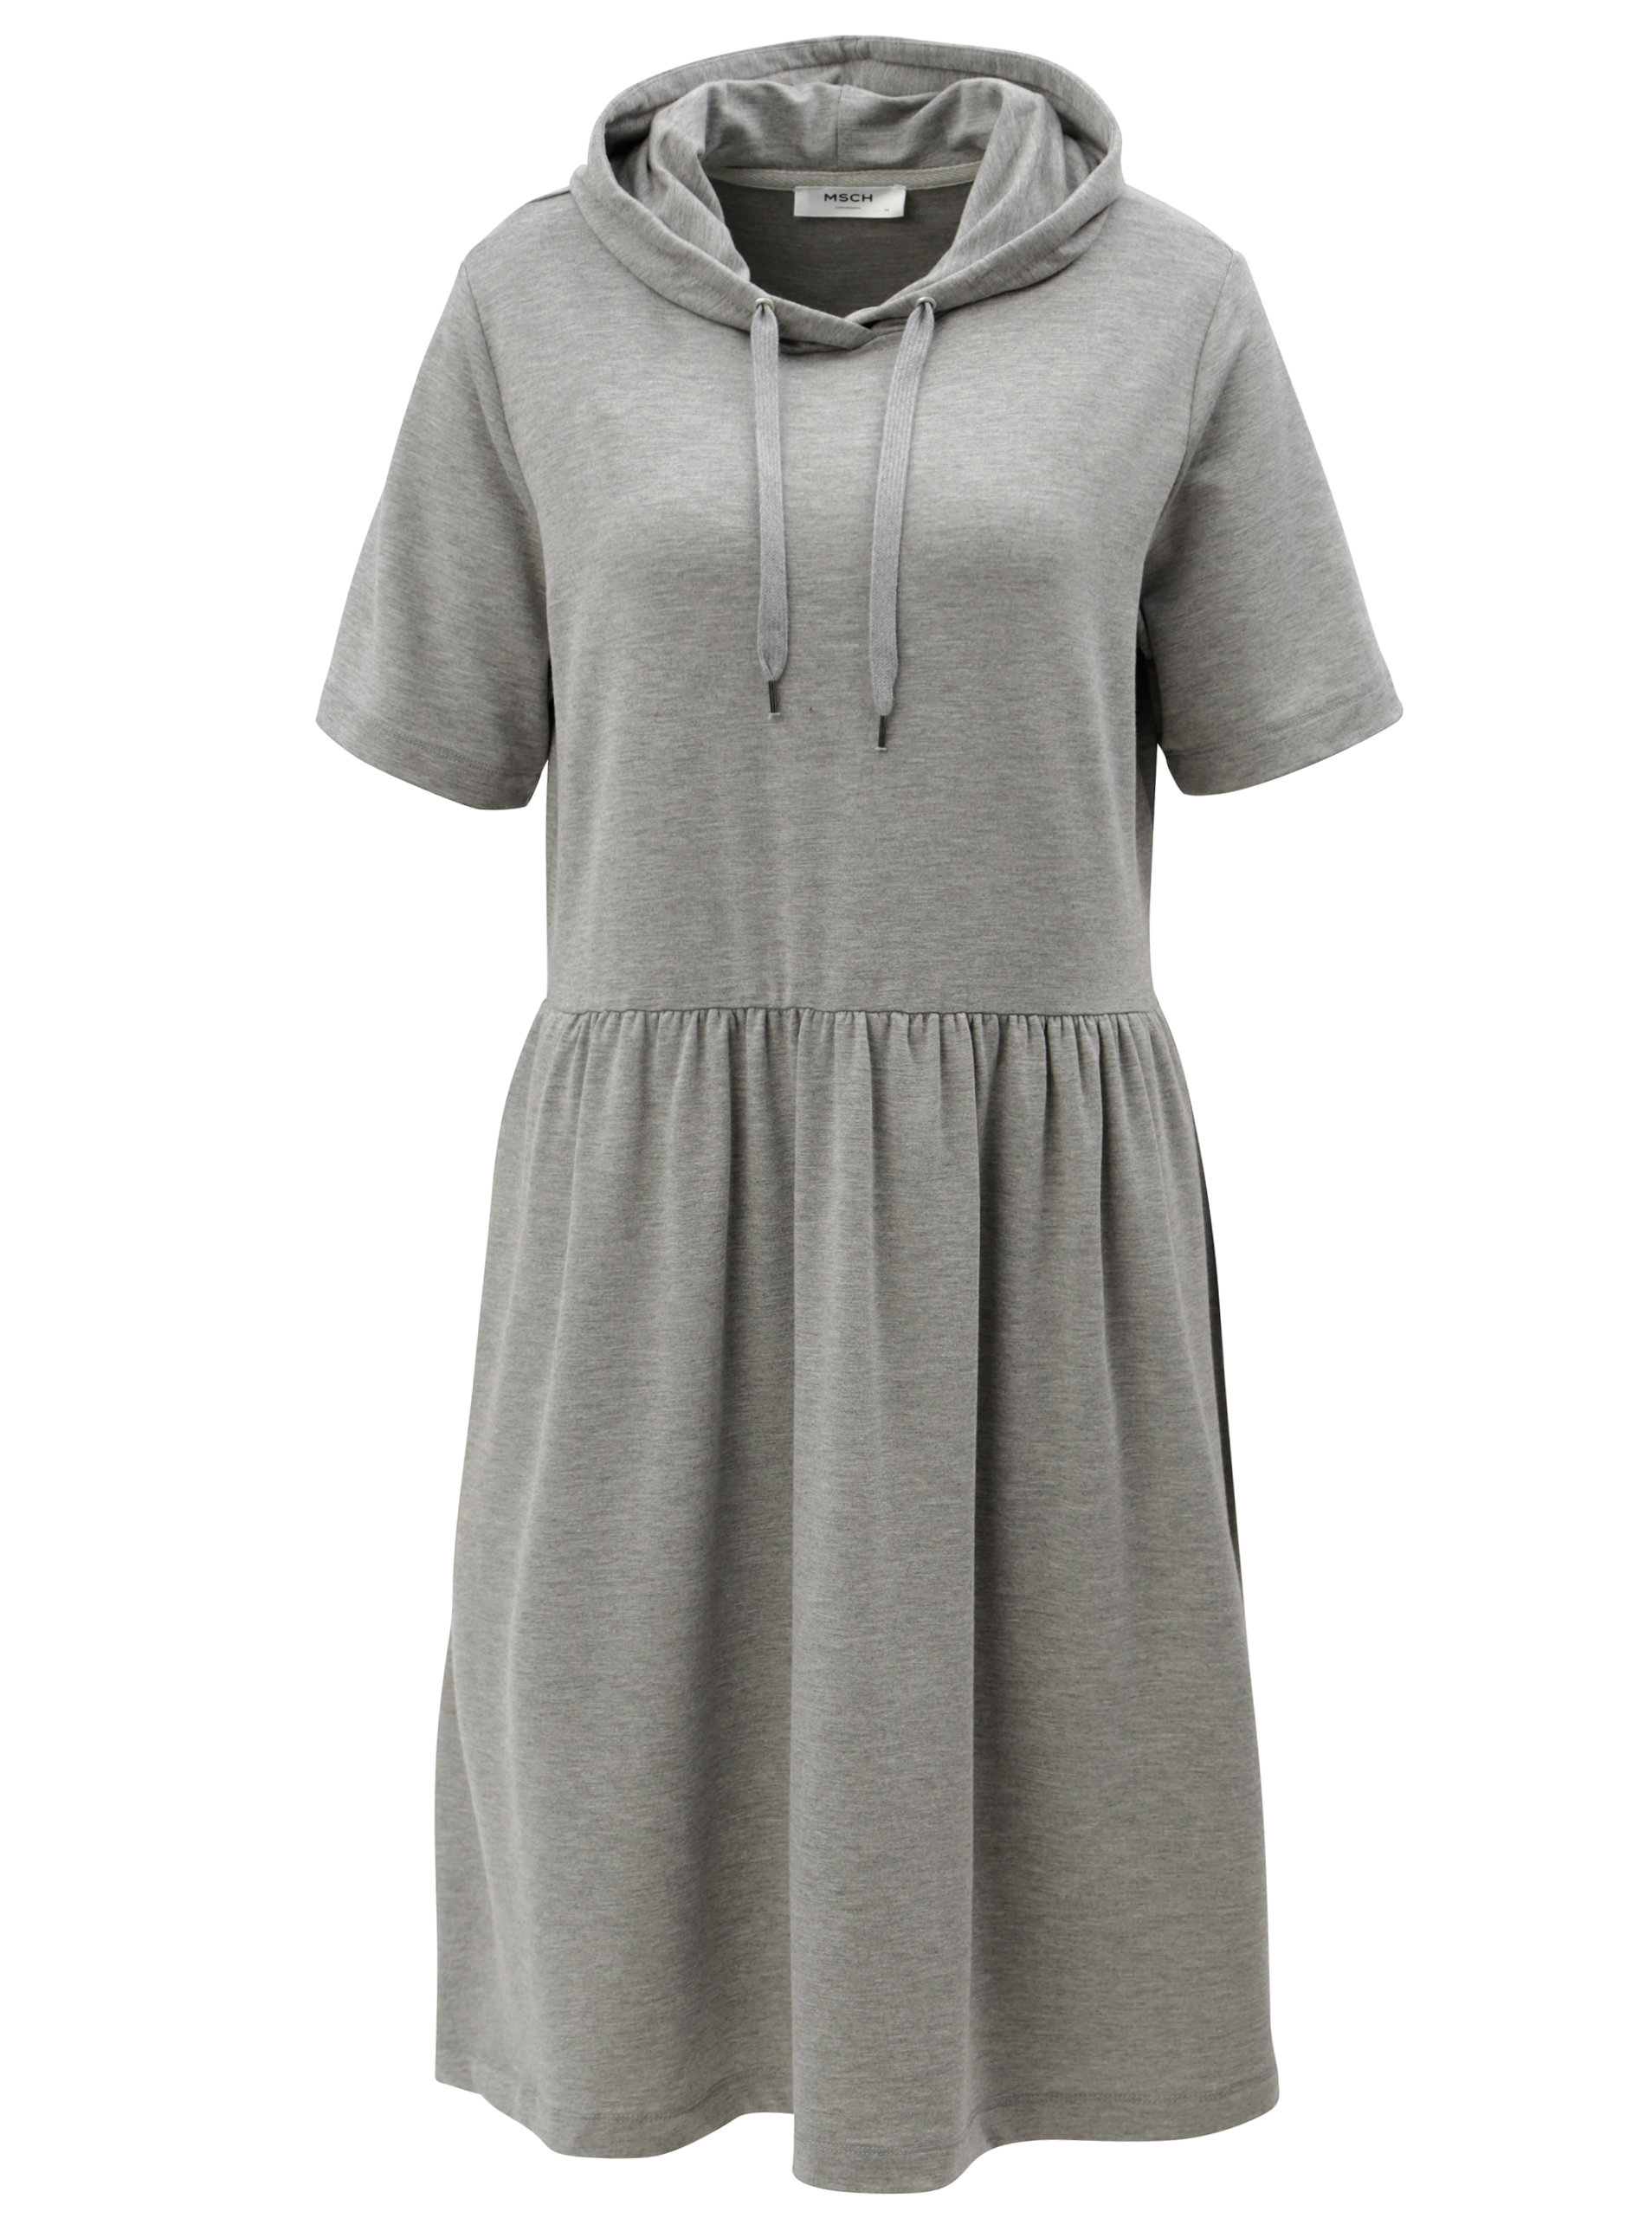 e9ab2e9cda71 Šedé volné žíhané mikinové šaty s kapucí Moss Copenhagen ...